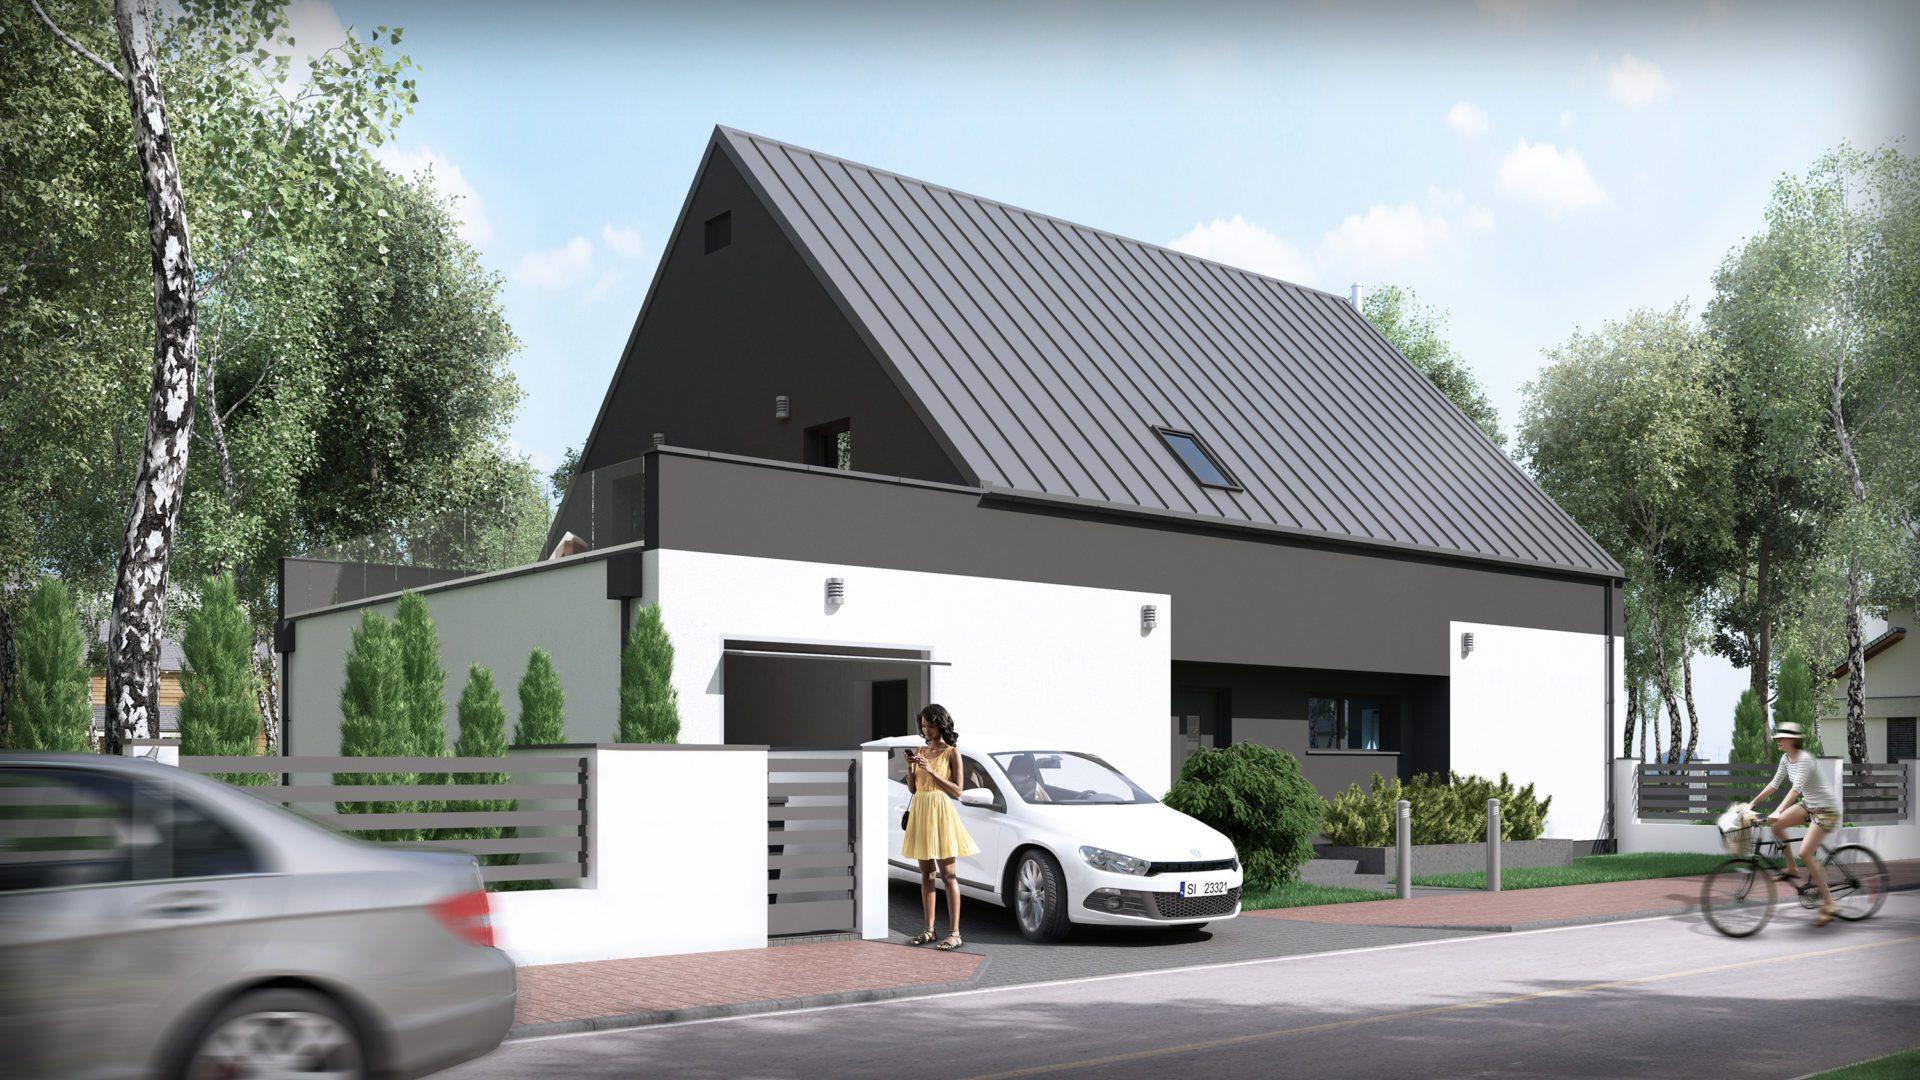 wizualizacja architektoniczna domu jednorodzinnego